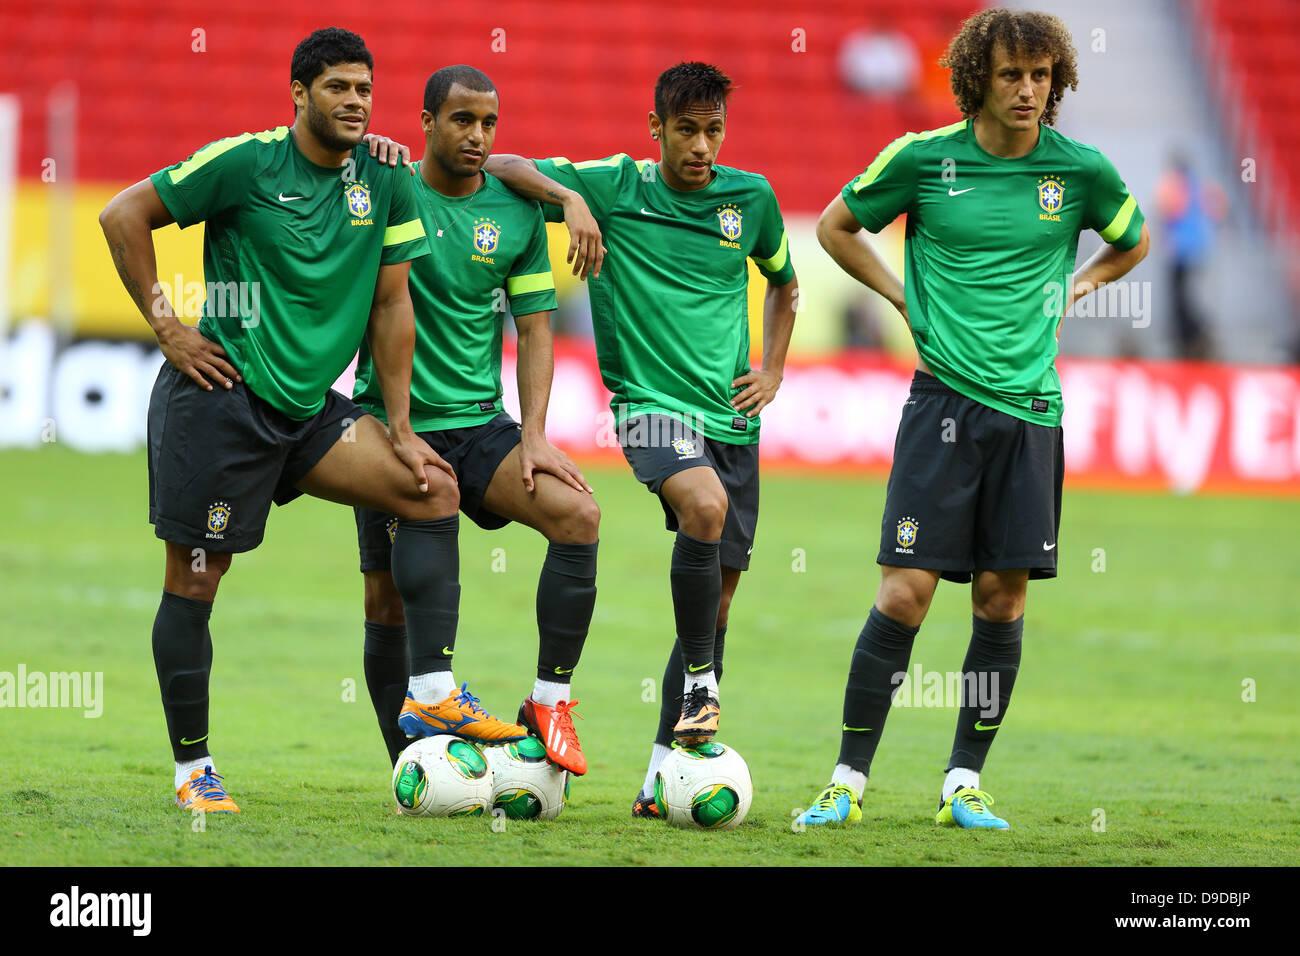 L R Hulk Lucas Moura Neymar David Luiz BRA JUNE 14 2013